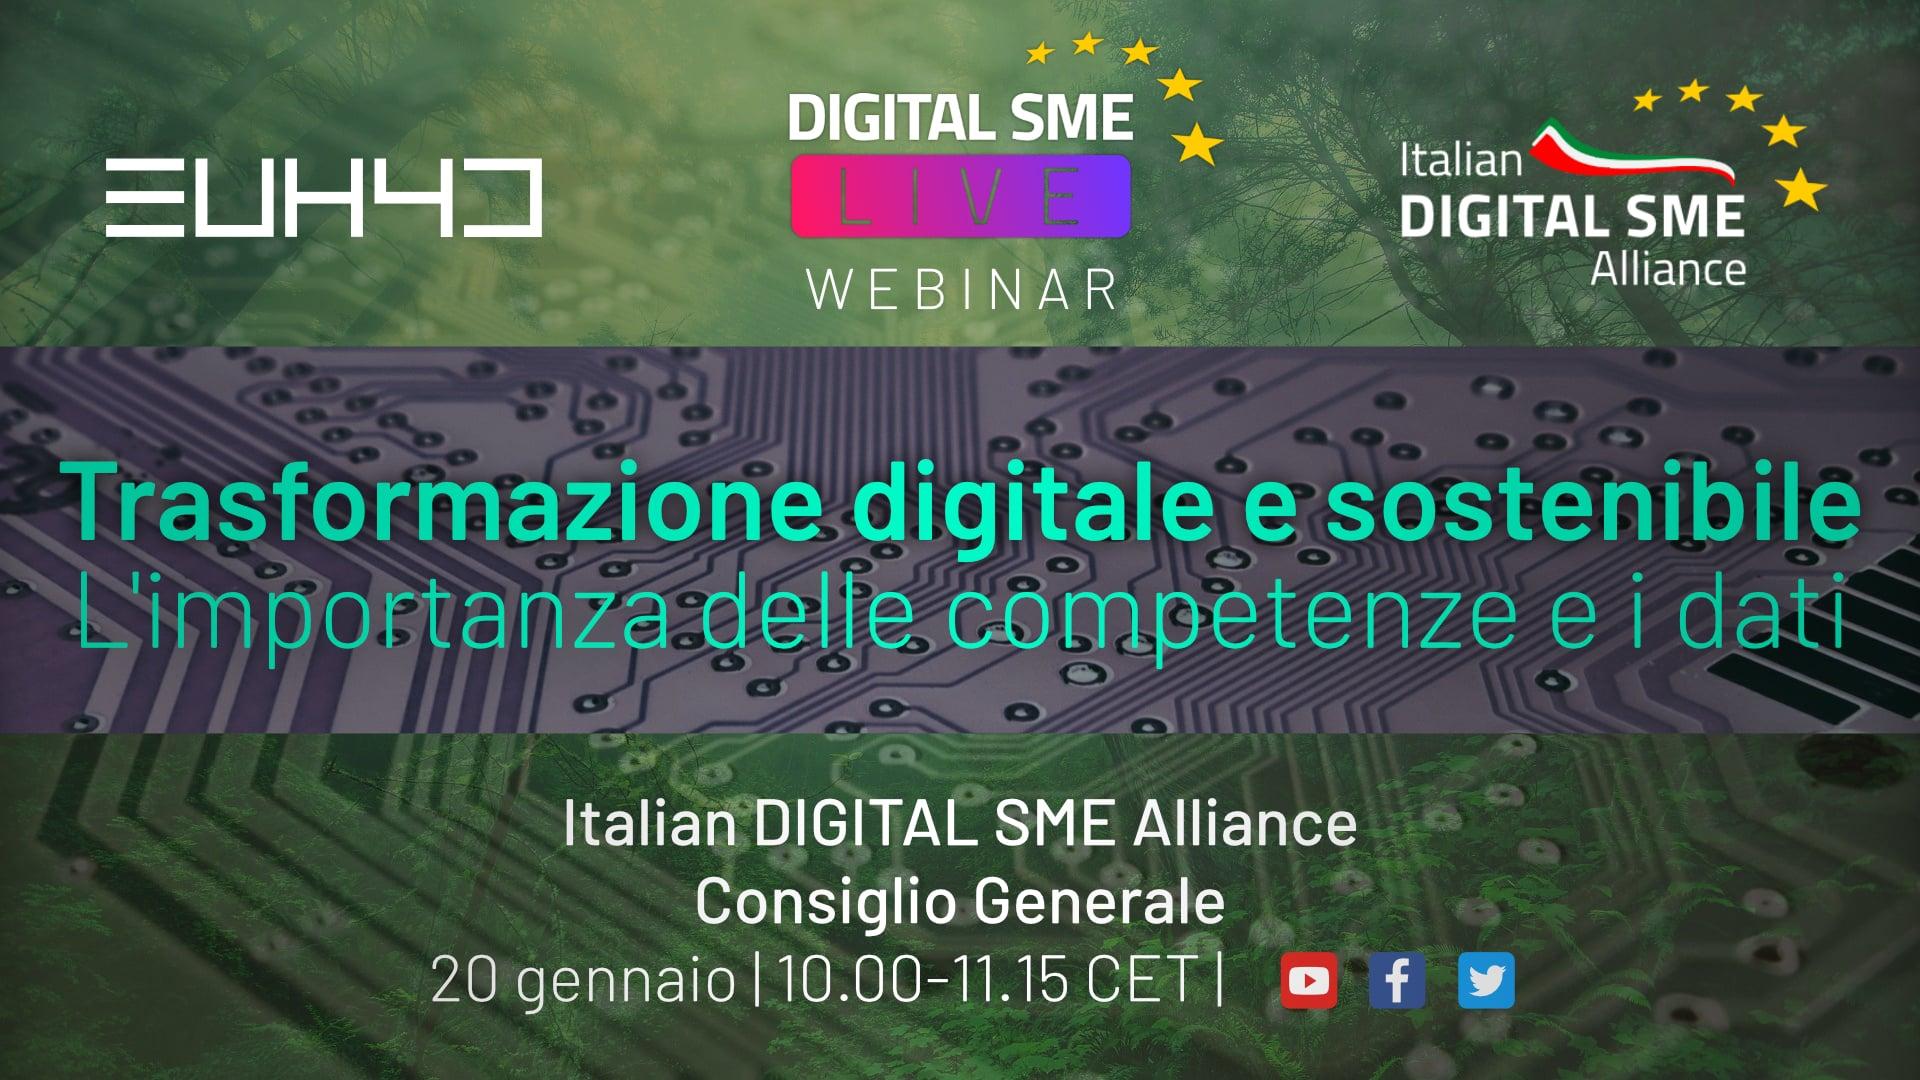 Consiglio Generale Italian Digital SME Alliance